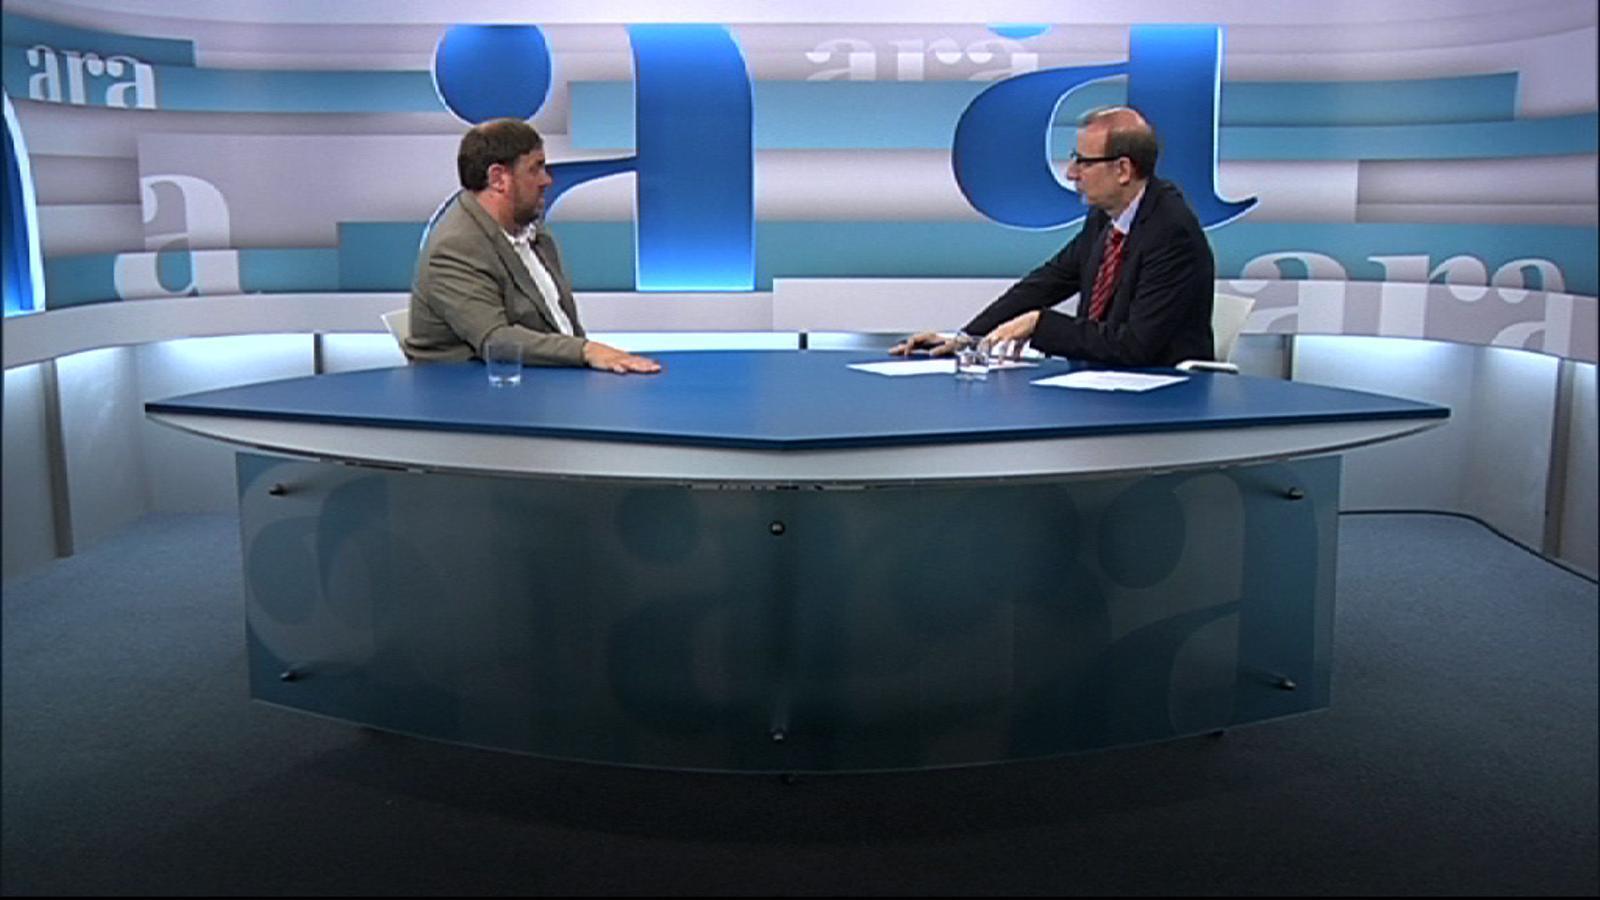 Oriol Junqueras: Som aquí per salvar el país i farem tot el possible per fer-ho